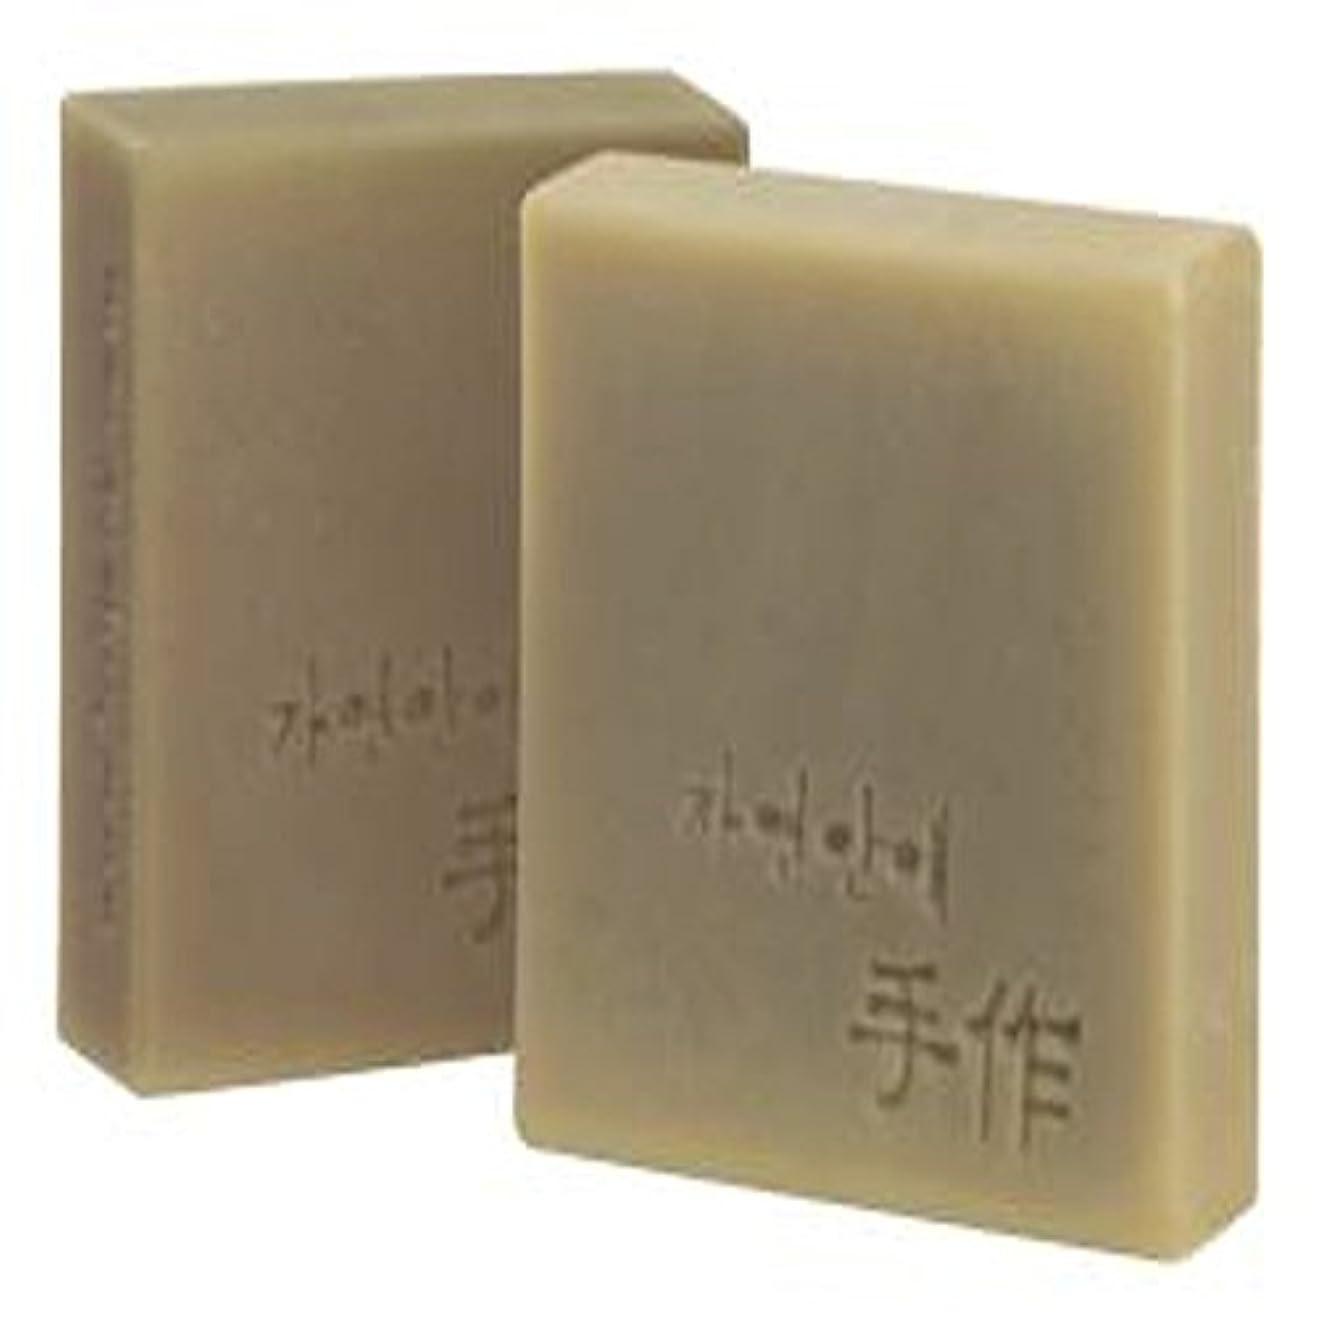 気づかない誤解するハウジングNatural organic 有機天然ソープ 固形 無添加 洗顔せっけんクレンジング 石鹸 [並行輸入品] (清州)